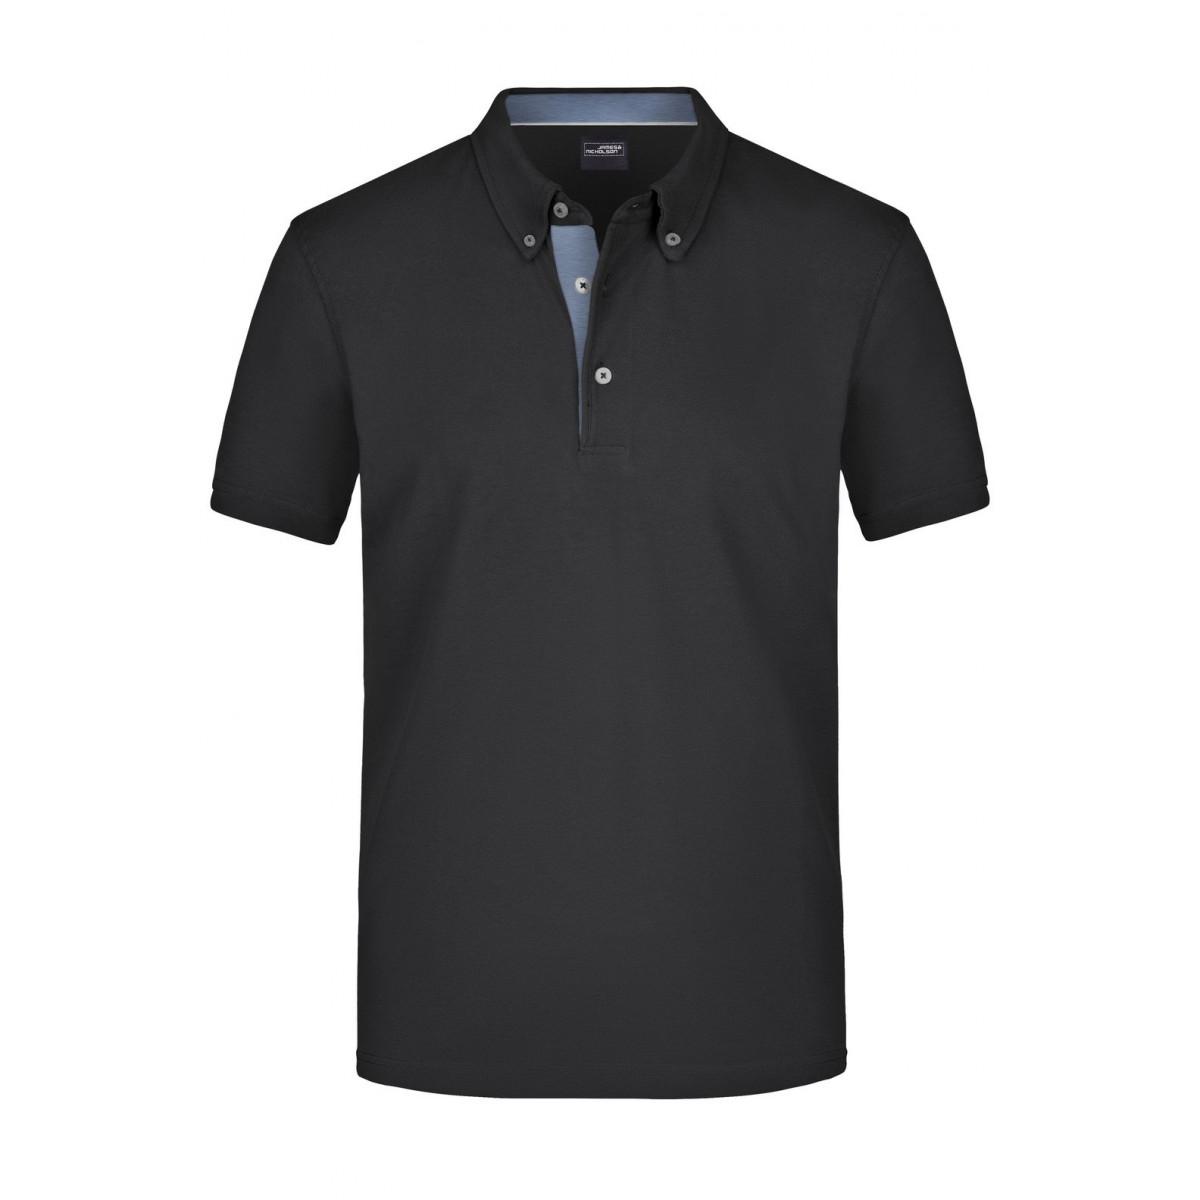 Рубашка поло мужская JN964 Mens Plain Polo - Черный/Светлый джинс